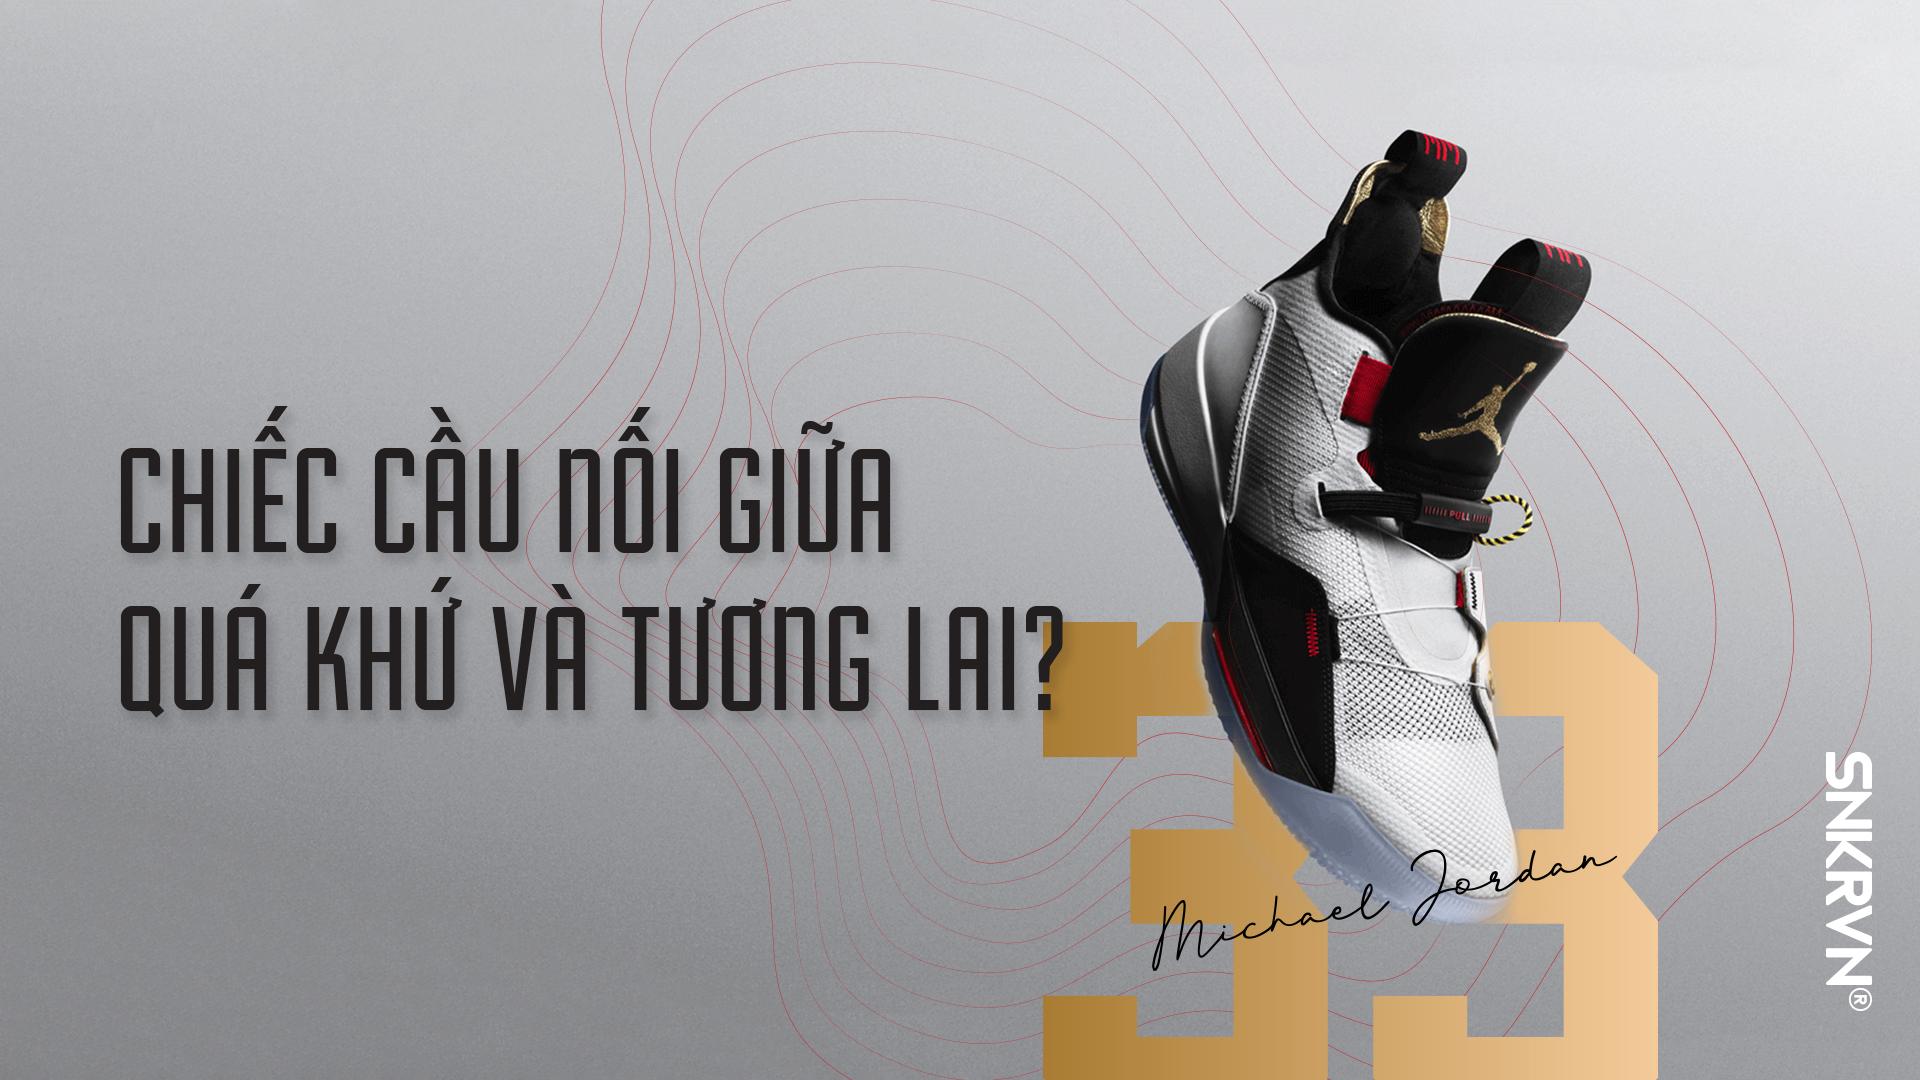 Air Jordan 33 - Chiếc cầu nối giữa quá khứ và tương lai? (P1)